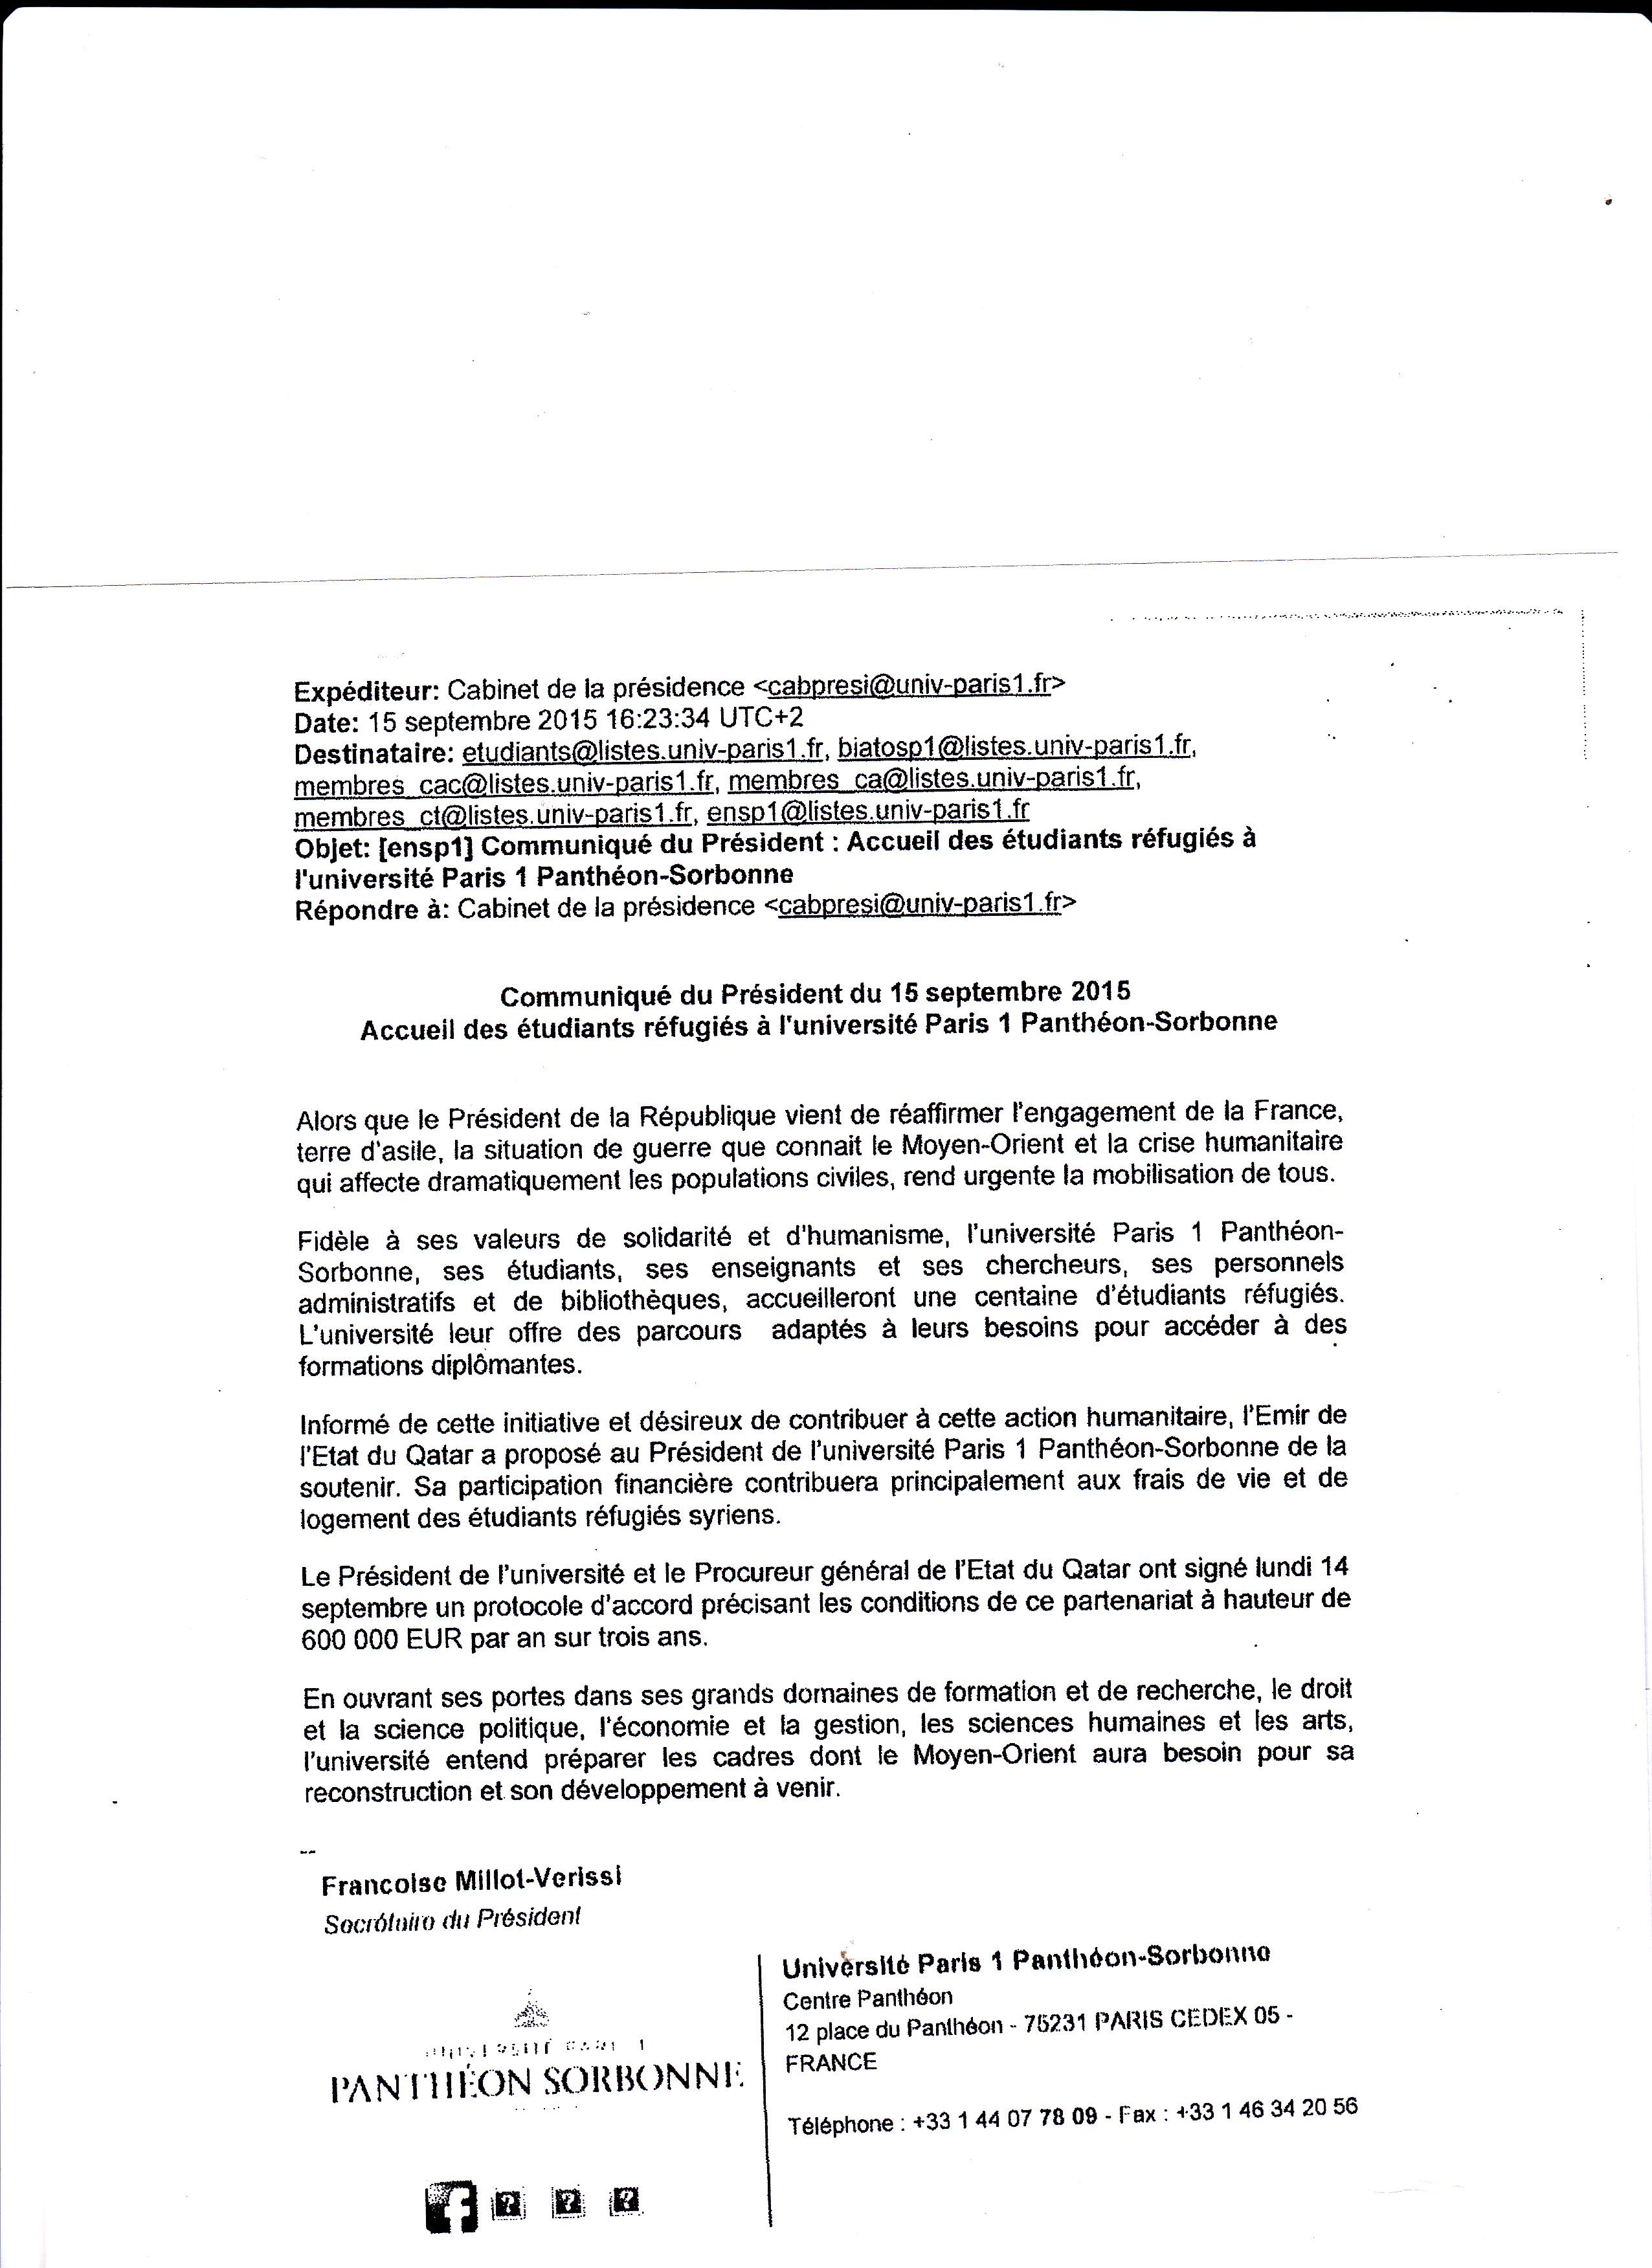 Agissez contre l'accueil de 100 étudiants clandestins financés par le Qatar à la Sorbonne